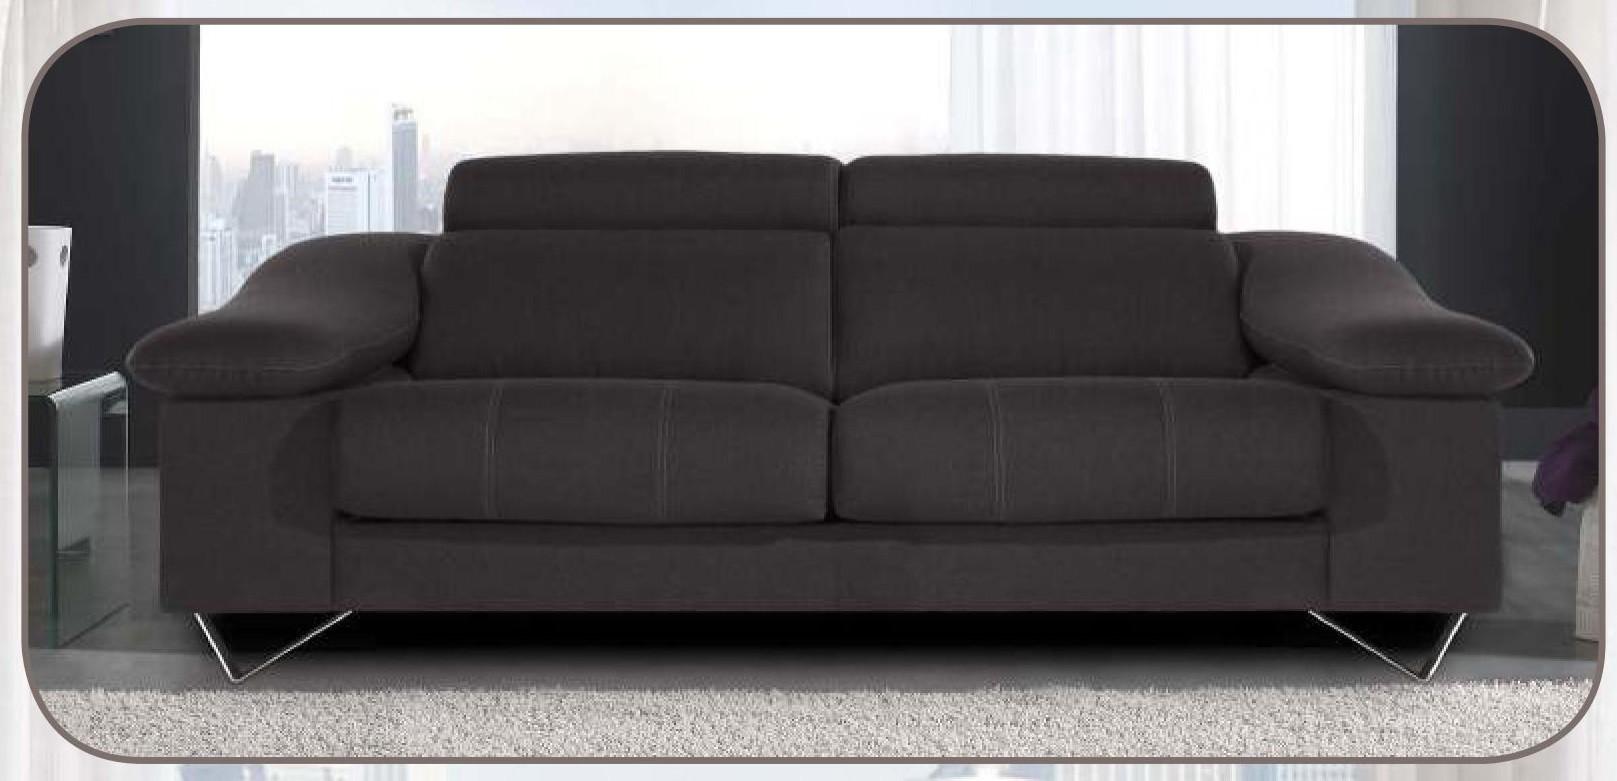 Sof s chaise longue 3 y 2 relax oferta mobles sedavi for Ofertas chaise longue online